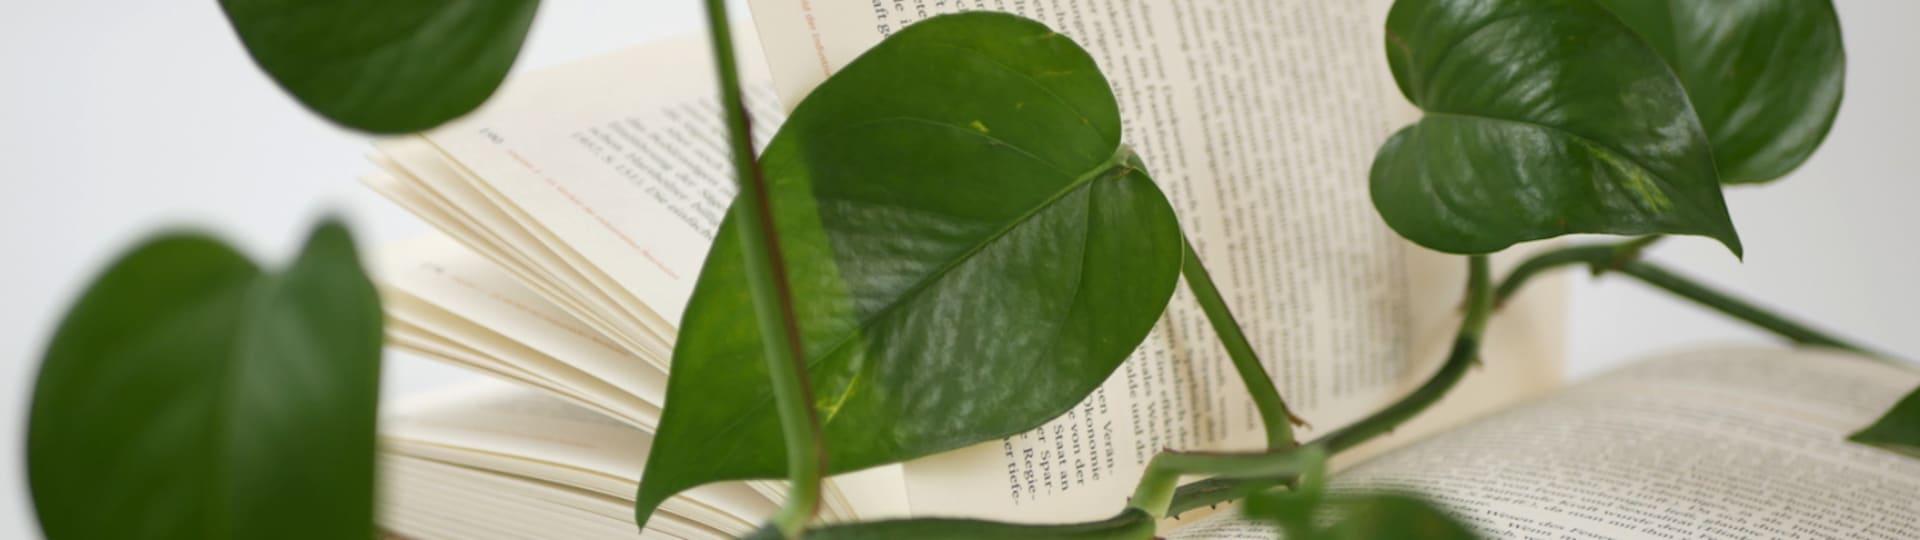 Grüne Pflanze rankt sich um die Inhalte der oekom Bücher